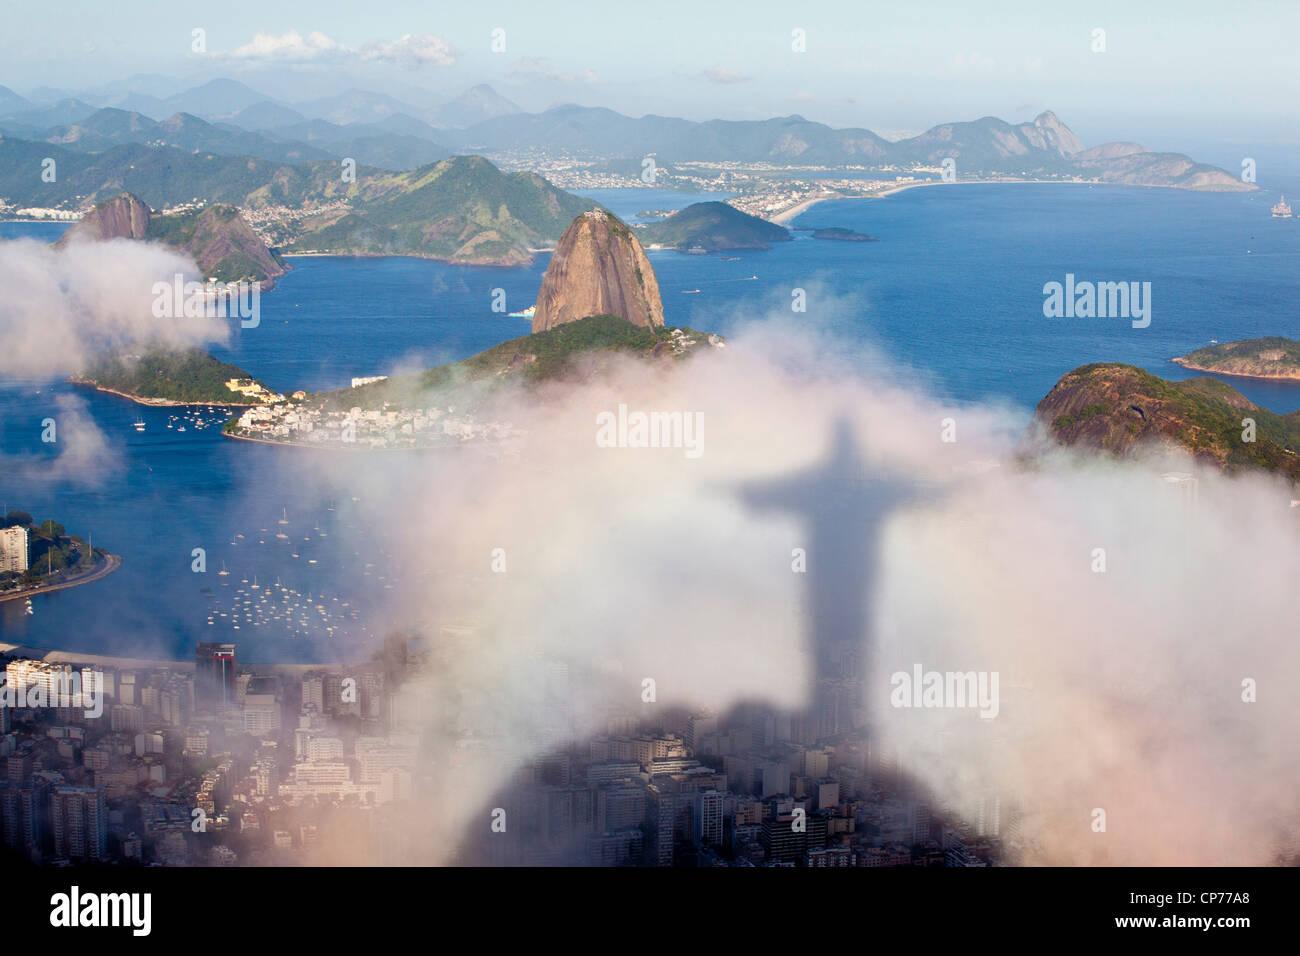 La sombra de la estatua de Cristo Redentor proyectado sobre cloud, Pan de Azúcar y las playas de la ciudad Imagen De Stock